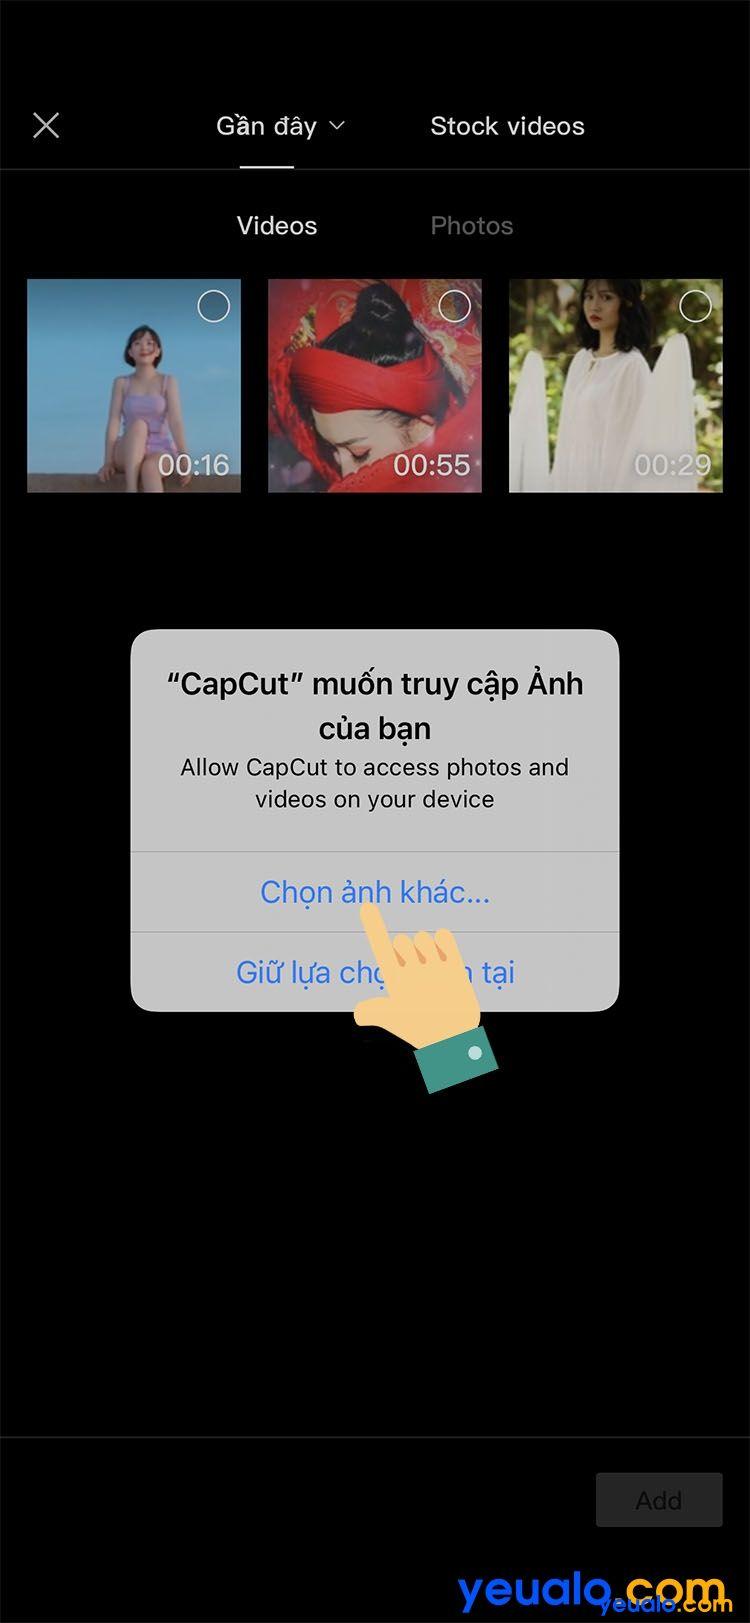 Cách ghép giọng chị Google vào video TikTok trên iPhone 5